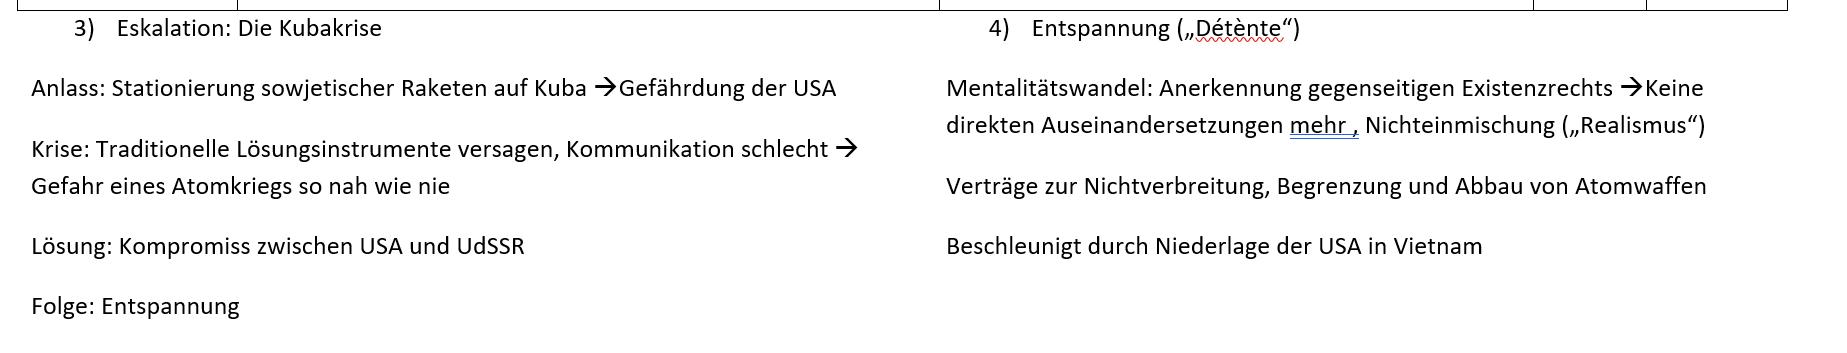 Großzügig Arbeitsblatt D Taxonomischen Schlüssel Antworten Fotos ...